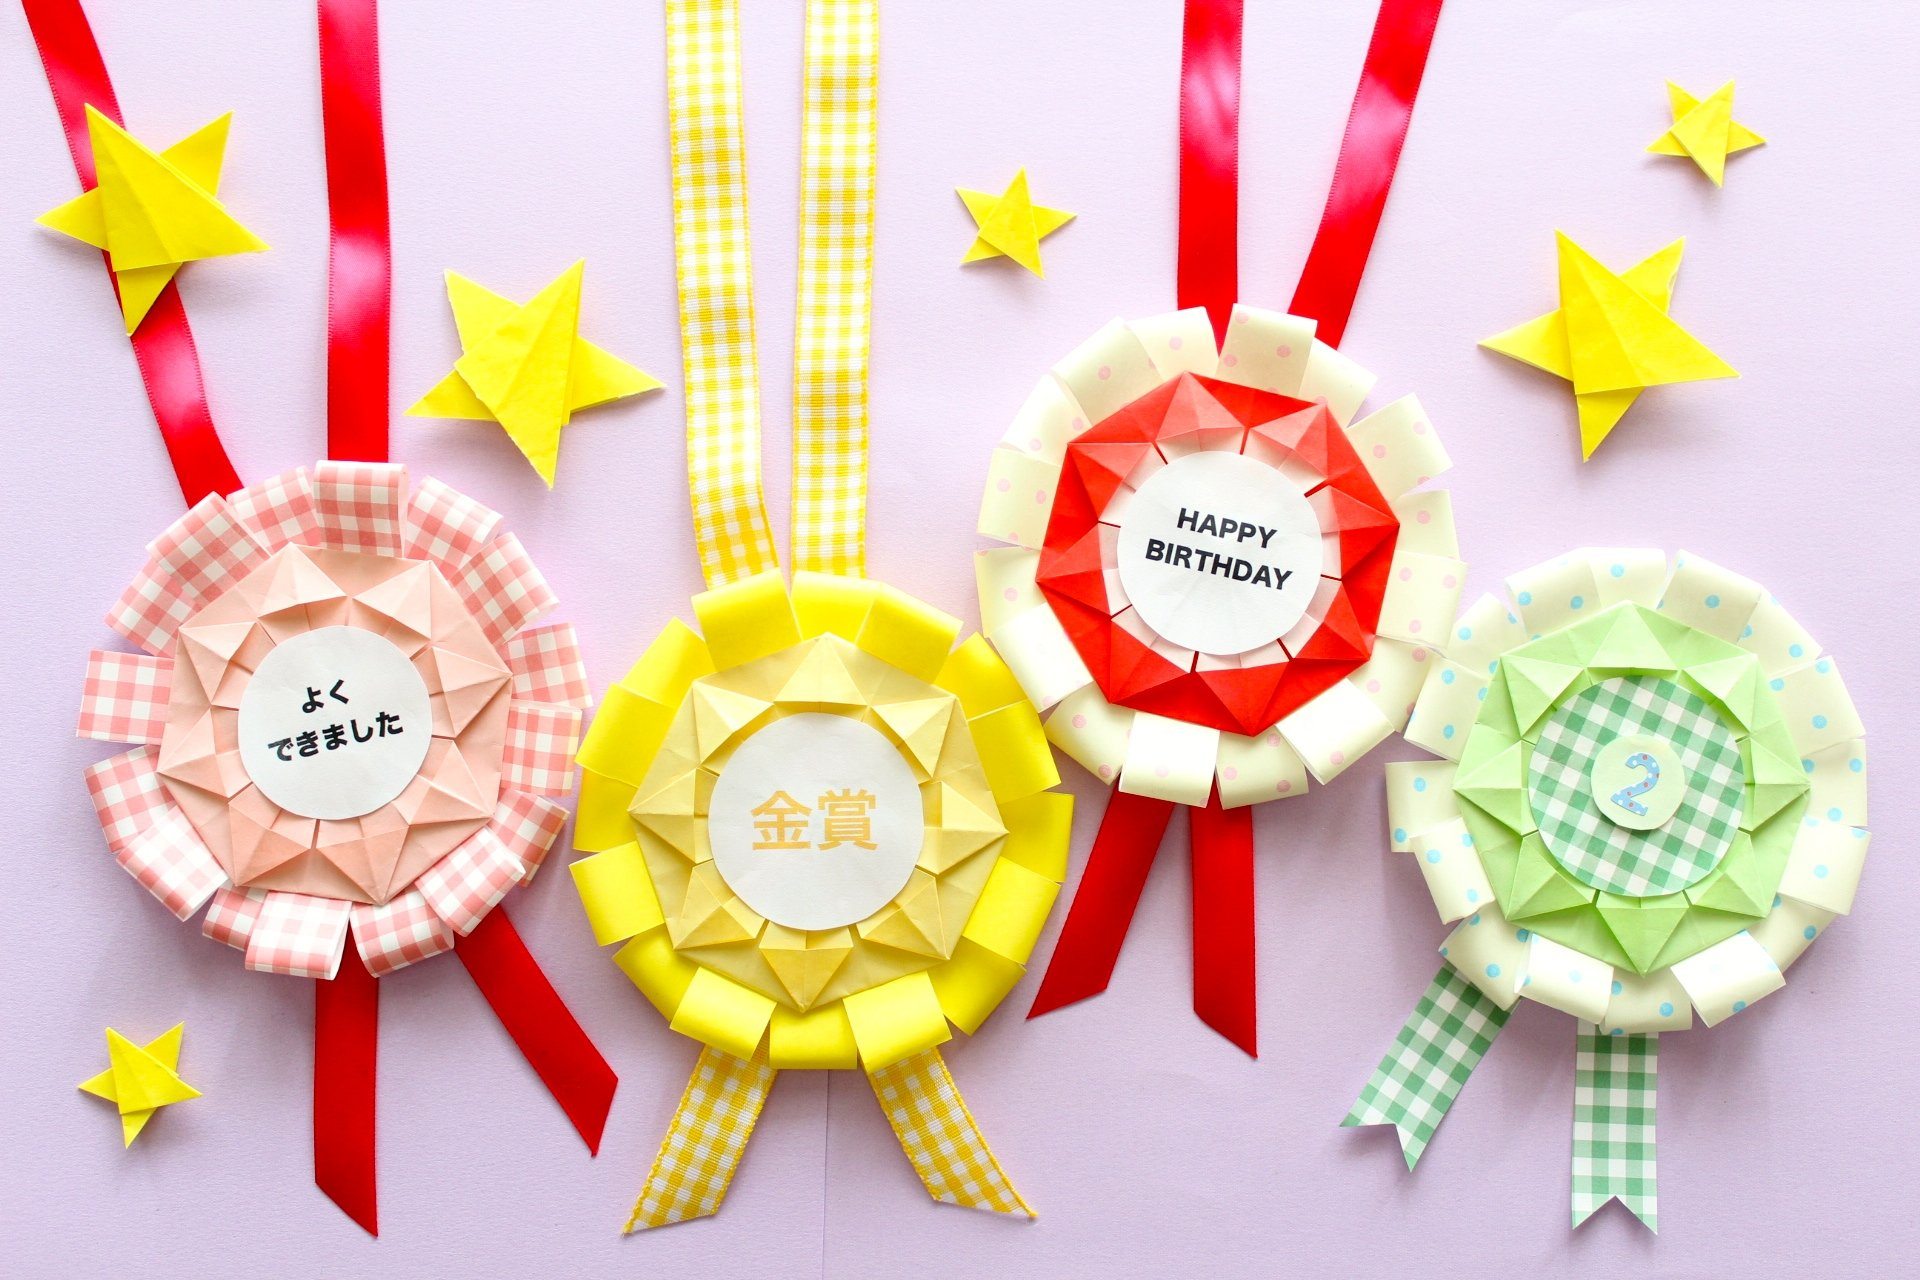 1 498 - 簡単にできる!折り紙のメダルの作り方